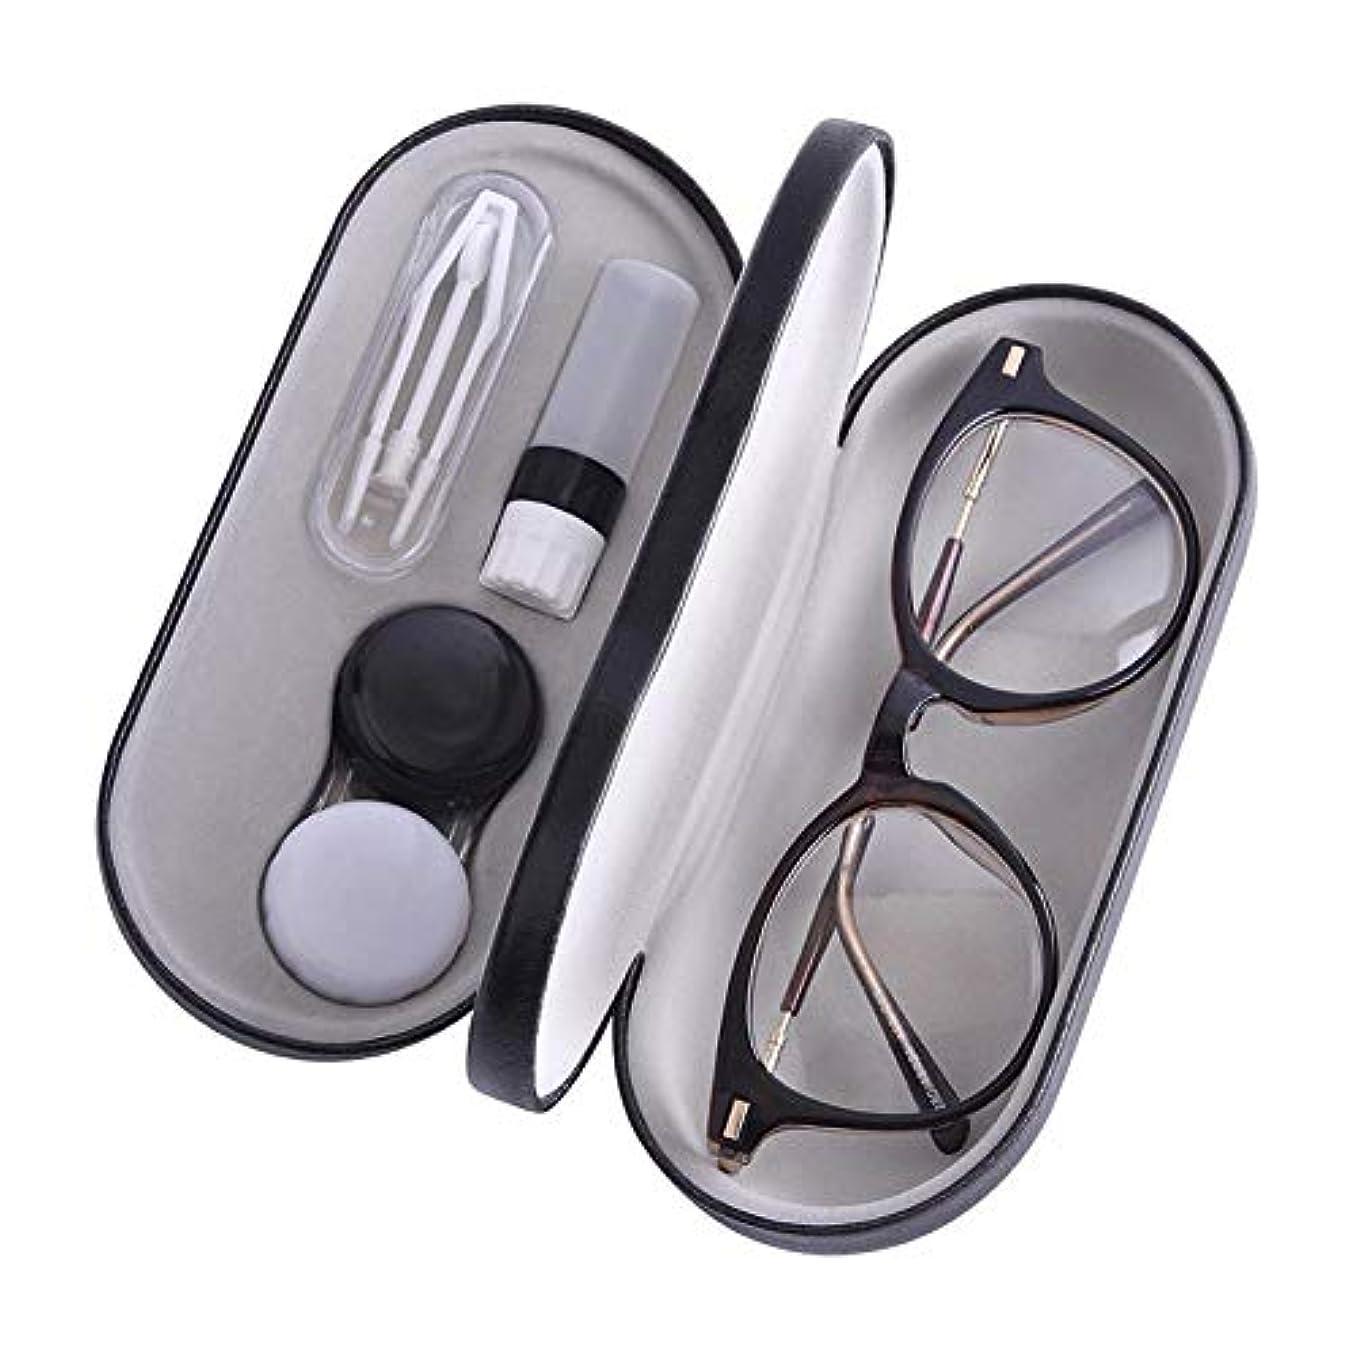 ぐったり収束する最もコンタクトレンズケーストラベルホームイノベーション両面メガネ収納ボックストラベルセットボックス携帯しやすいミニボックスコンテナコンタクトレンズフレーム